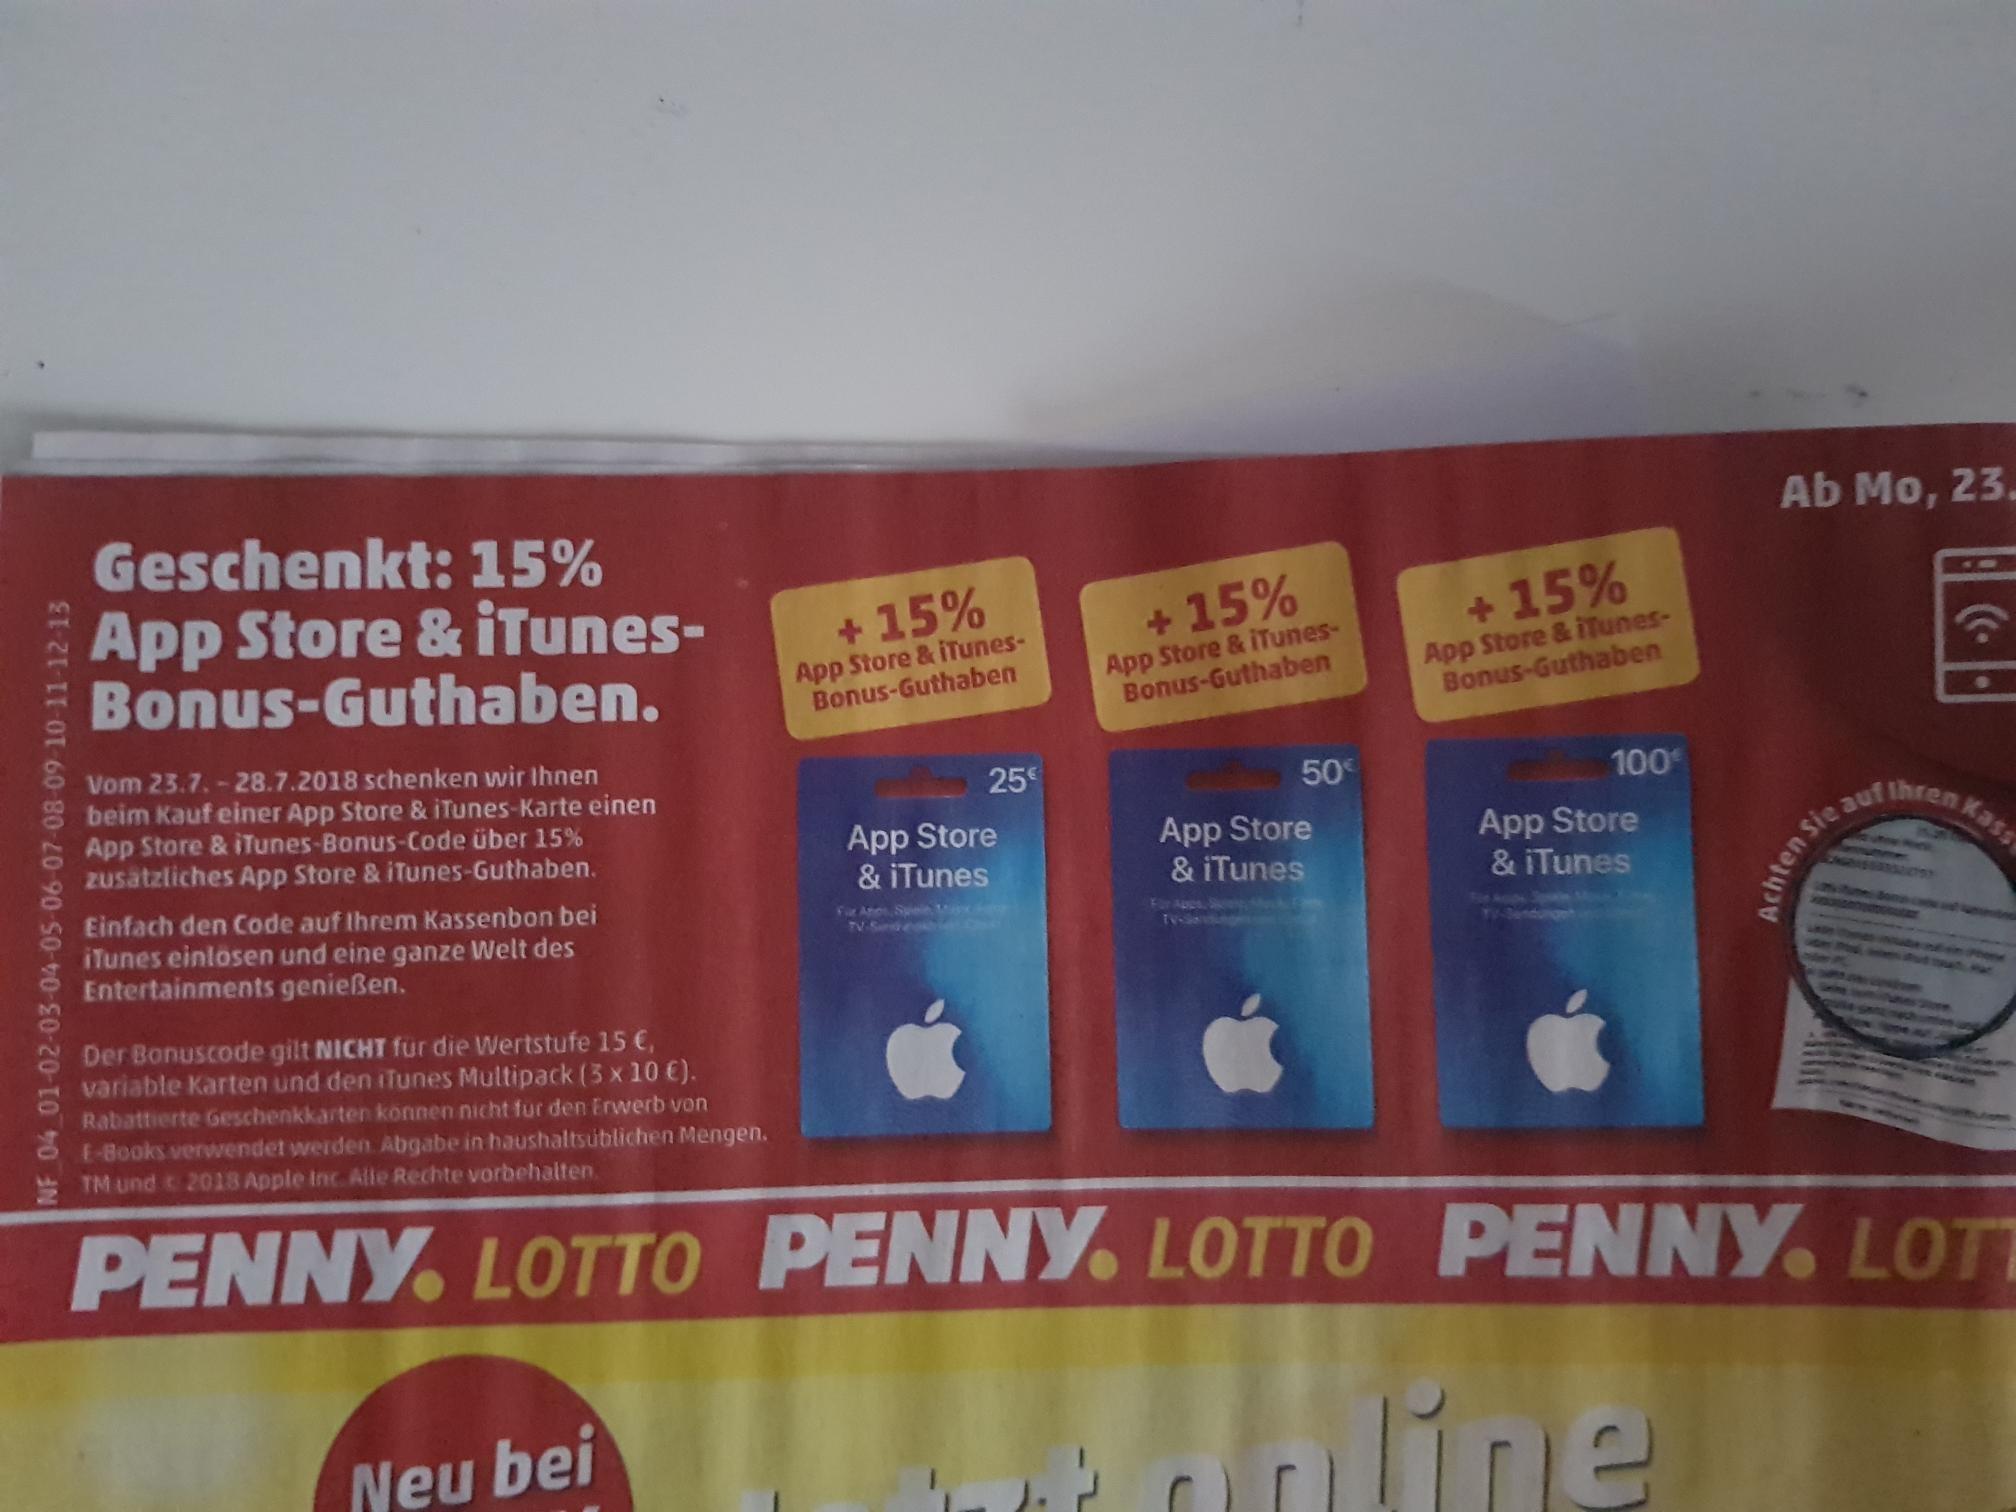 [Penny] App Store und iTunes Guthaben 15% geschenkt [bundesweit]